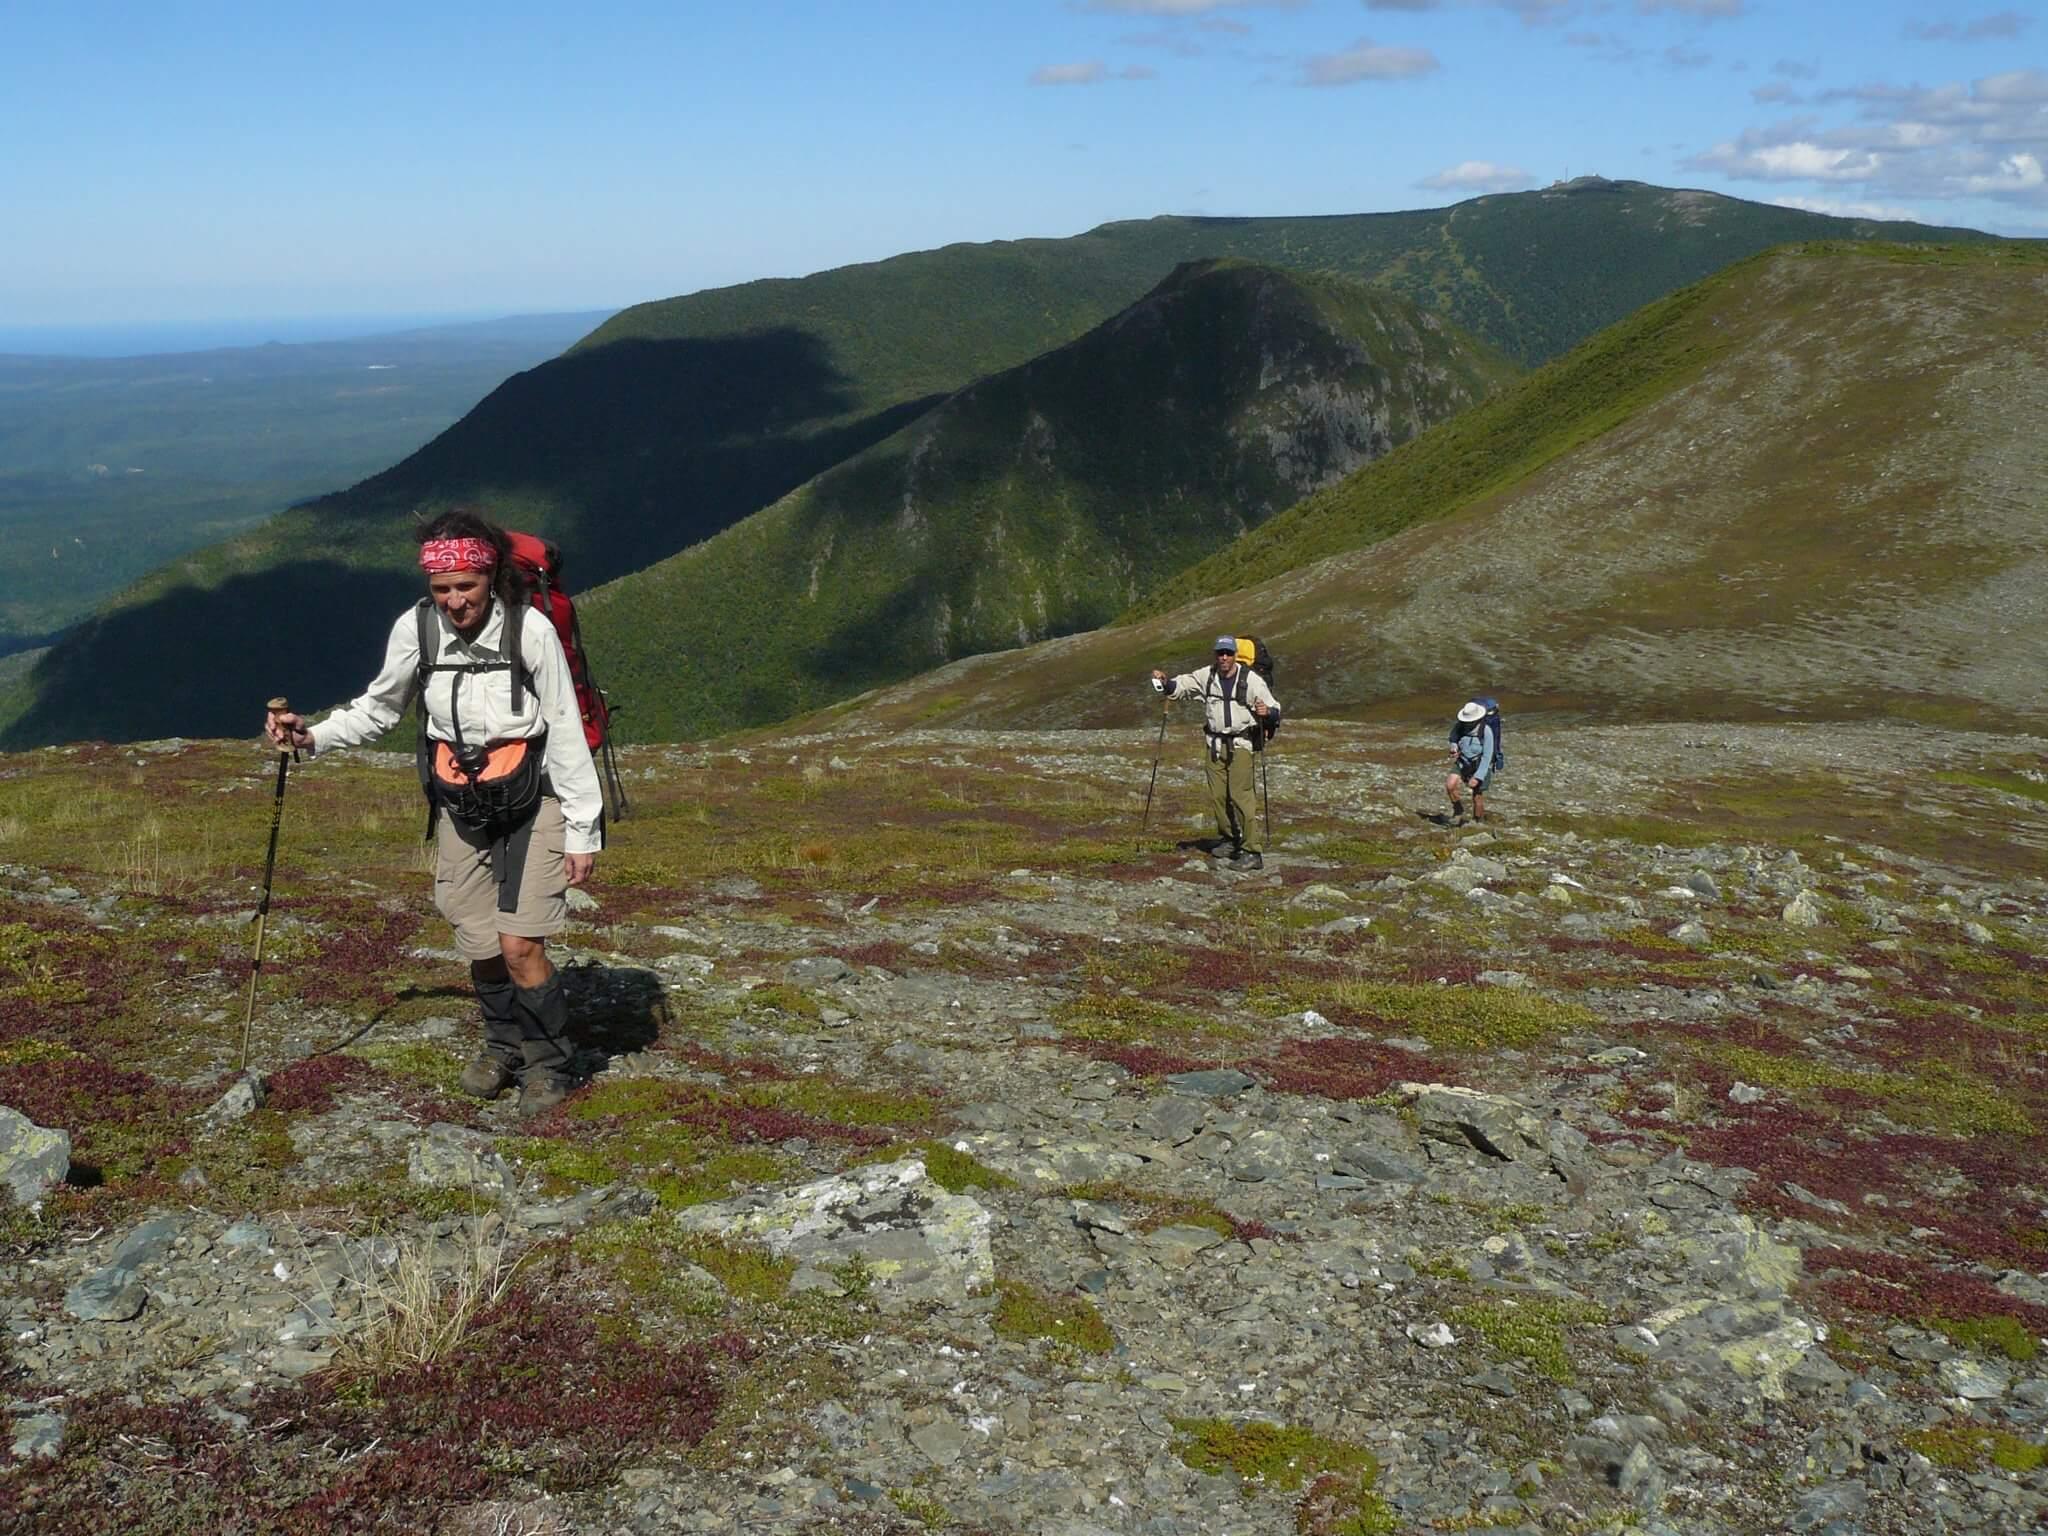 Tourisme en Gaspésie: 5 idées d'activités sous la thématique du caribou